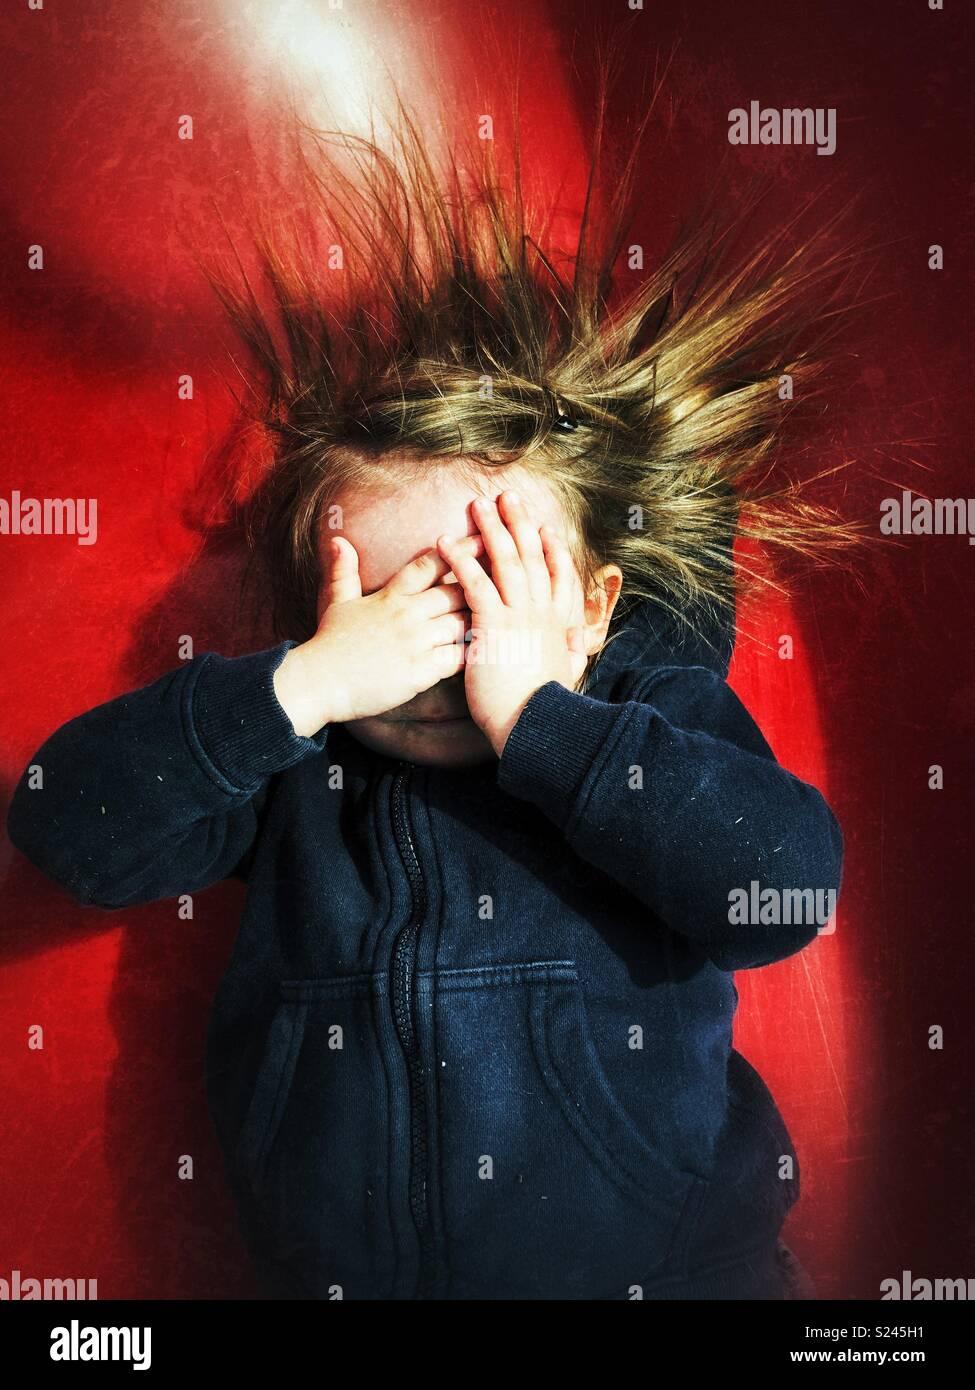 Niño Niña cubriendo la cara con las manos y el pelo que sobresale debido a la electricidad estática de una diapositiva de color rojo Imagen De Stock